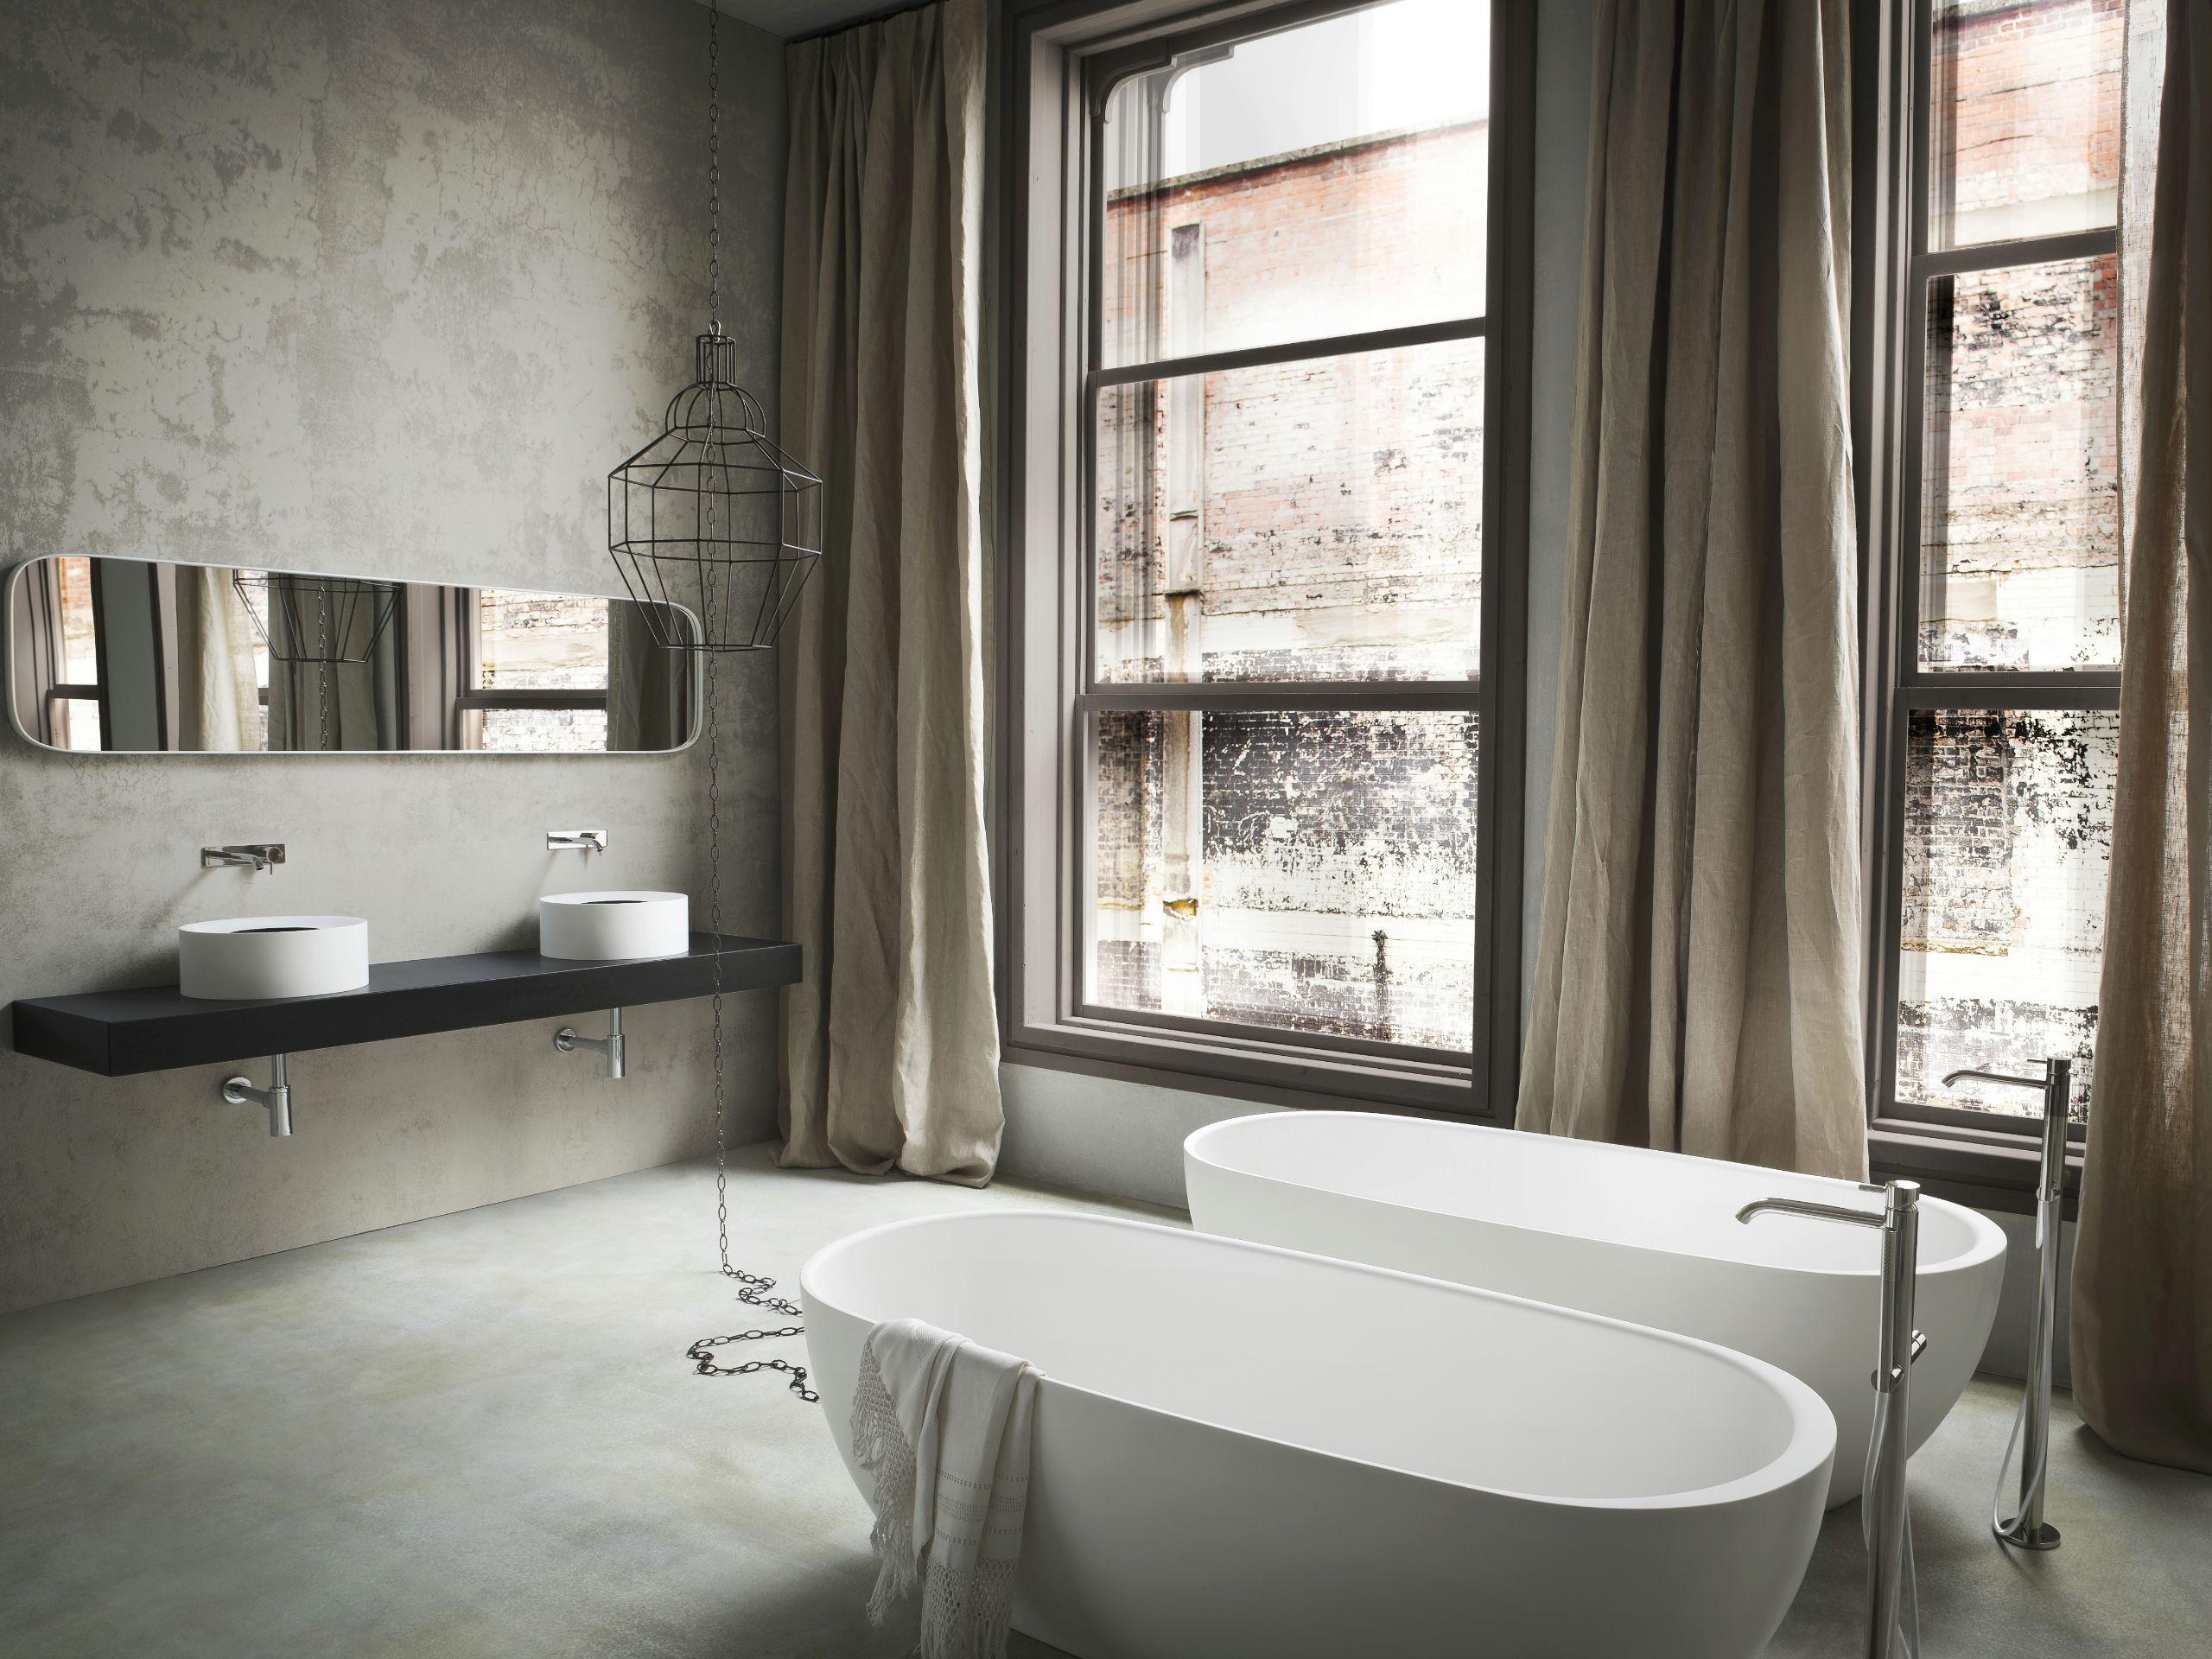 HOLE Vasca da bagno centro stanza by Rexa Design design ... on Stanza Da Bagno  id=51469